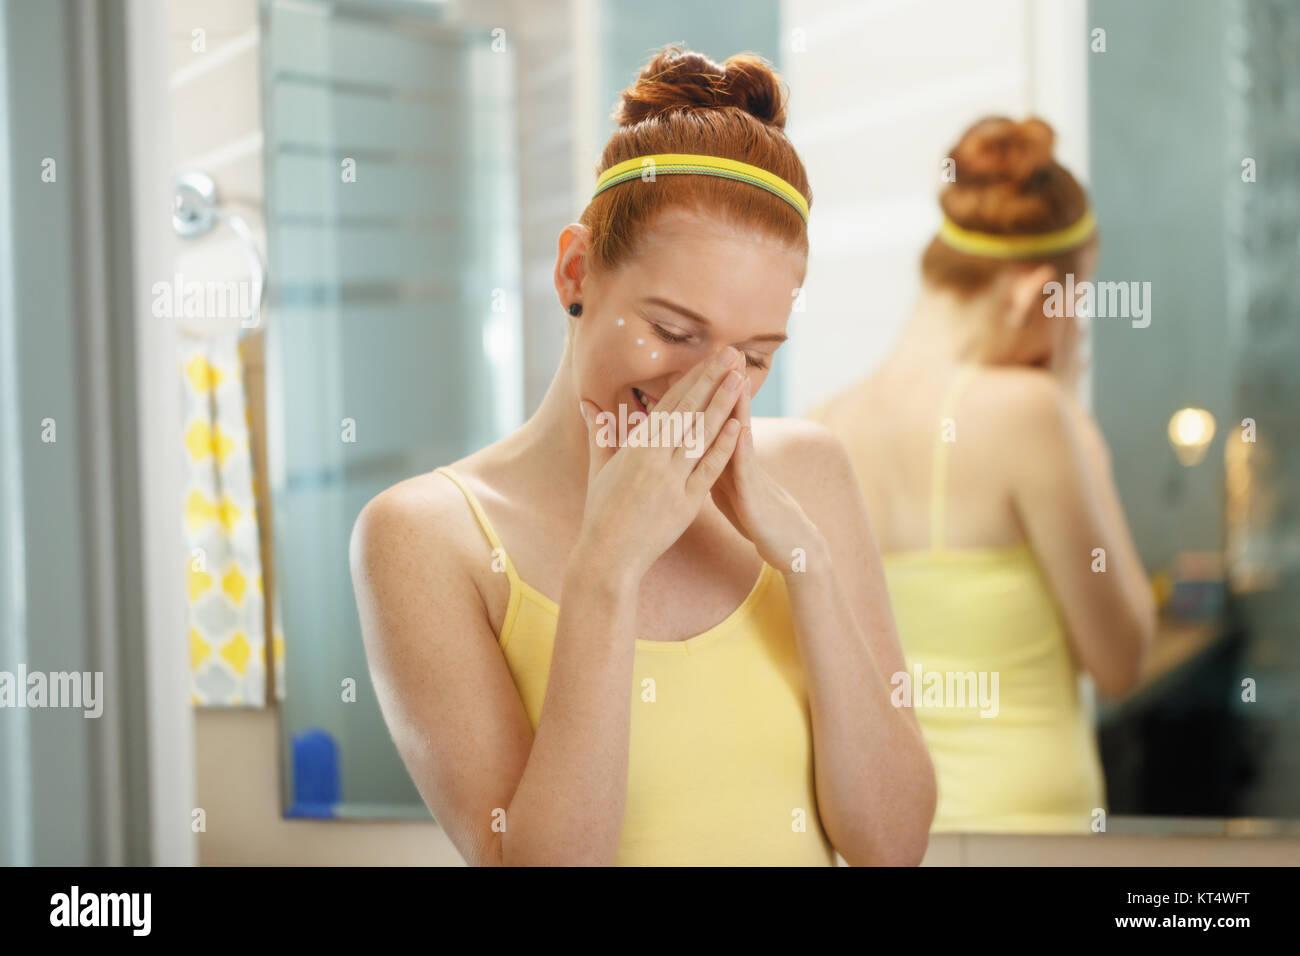 Rothaarige Mädchen Anwendung beauty Creme in home Bad am Morgen. Junge Frau kümmert sich um Ihre Haut, Stockbild